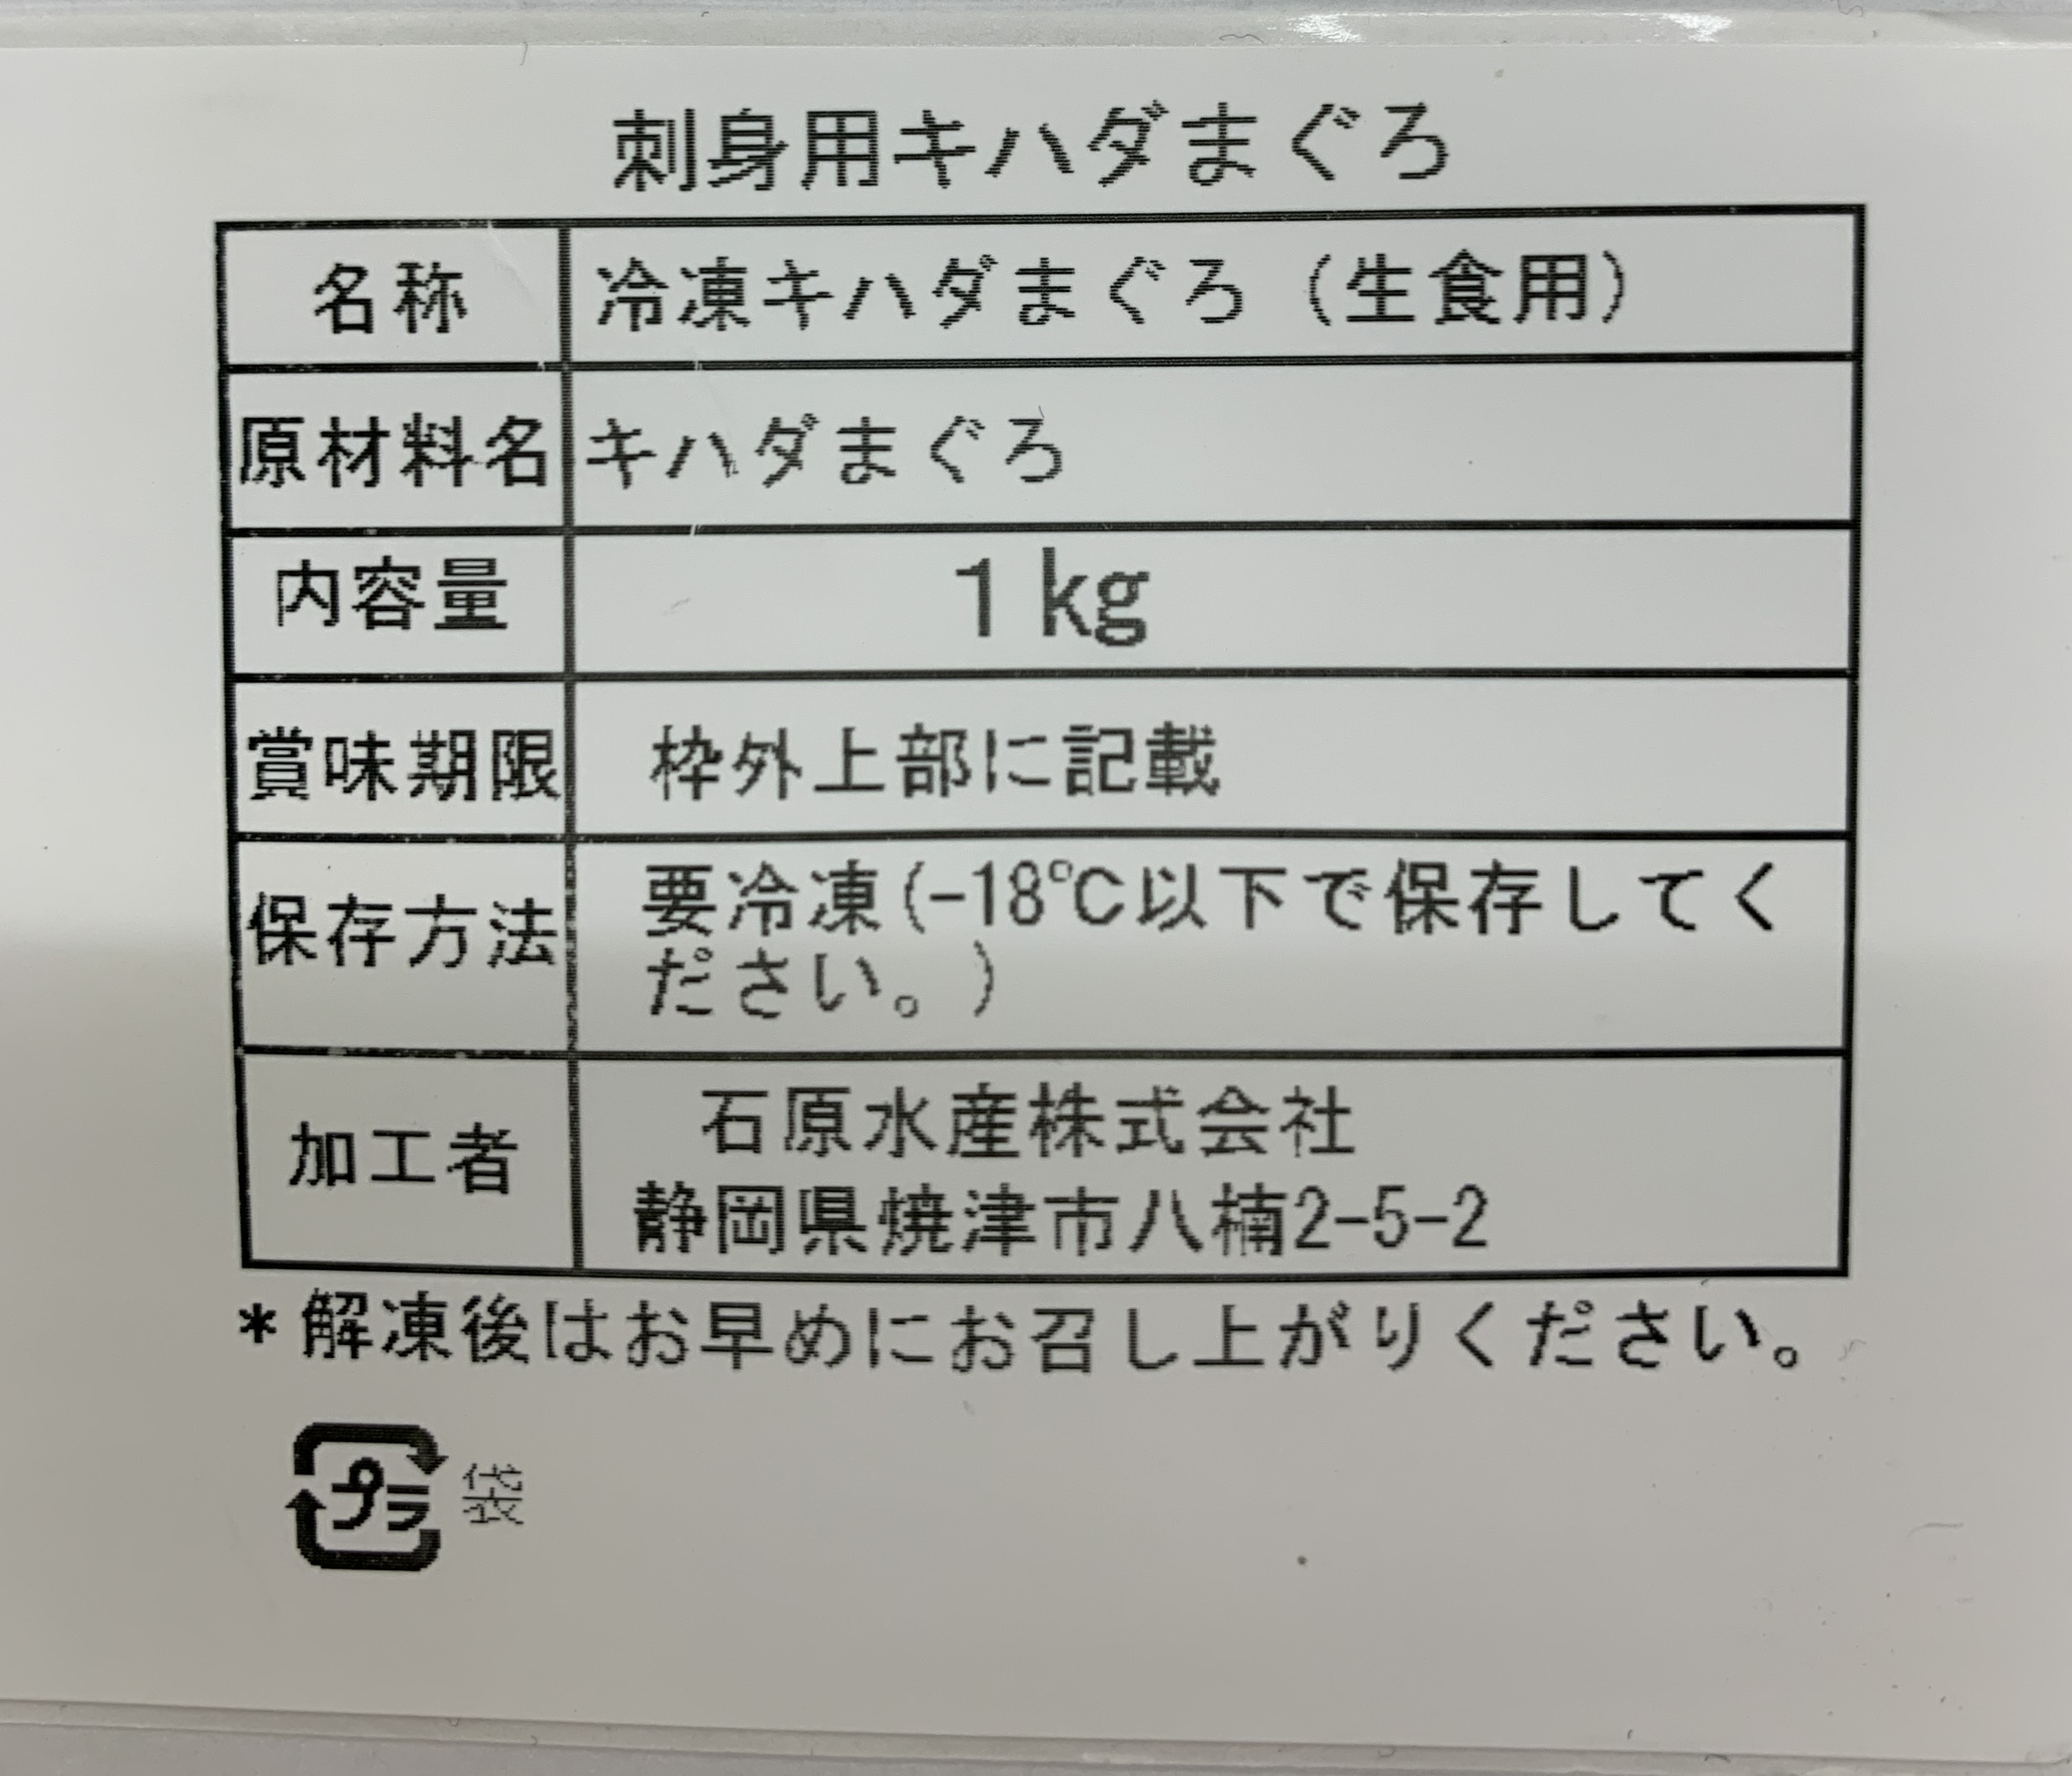 マグロづくし3.5kg以上(南まぐろ、バチまぐろ、キハダまぐろ)【S】:5000円